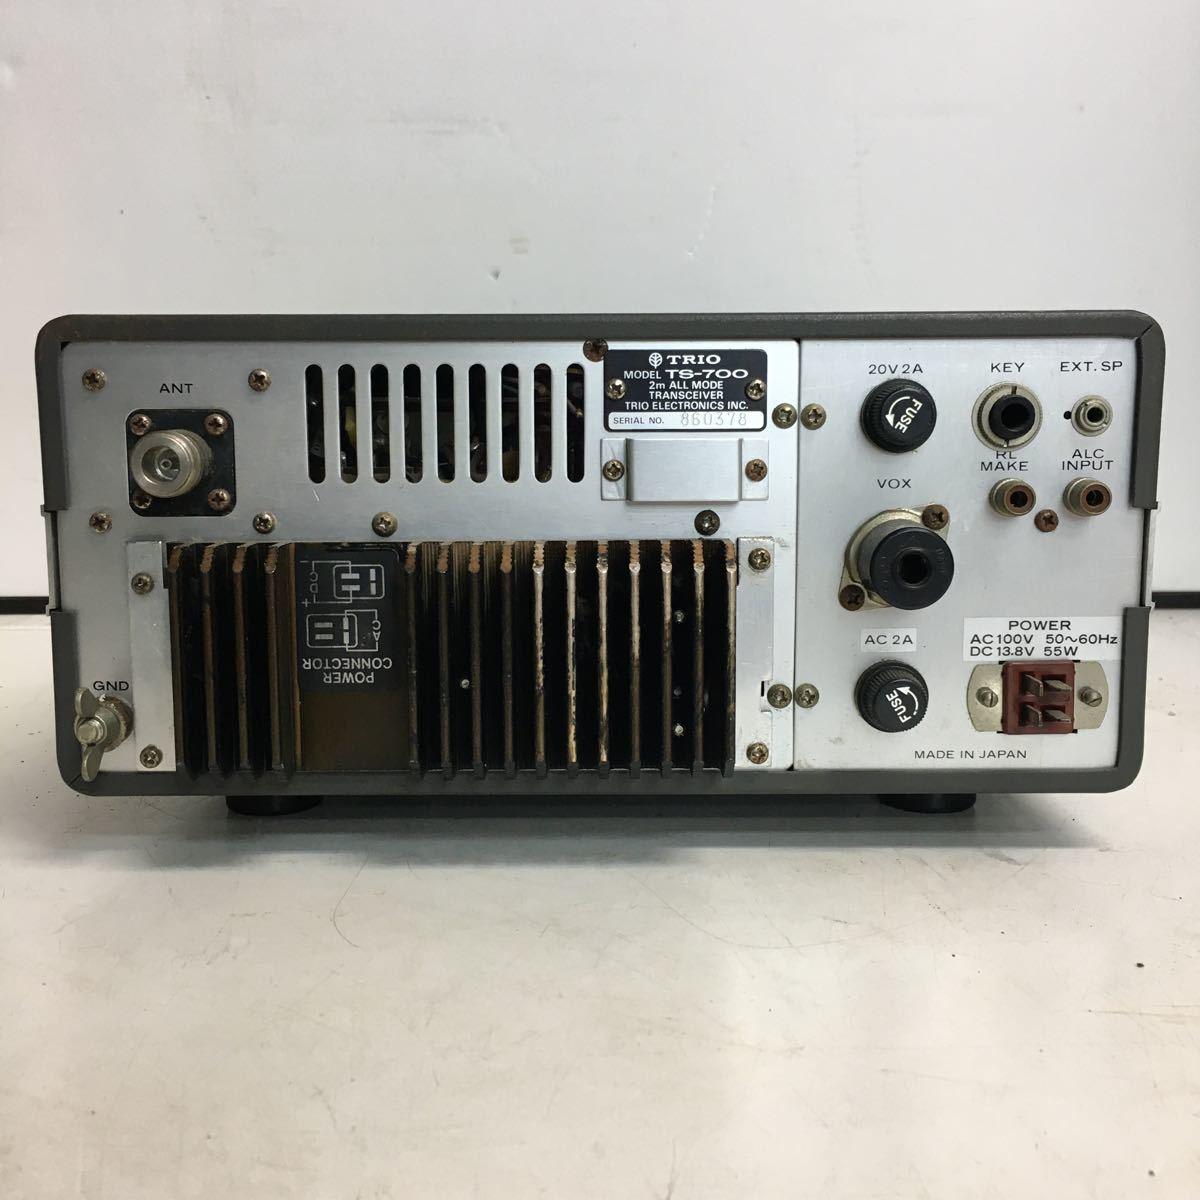 E066 TRIO トリオ TS-700 トランシーバー アマチュア無線機/本体のみ ジャンク品_画像3